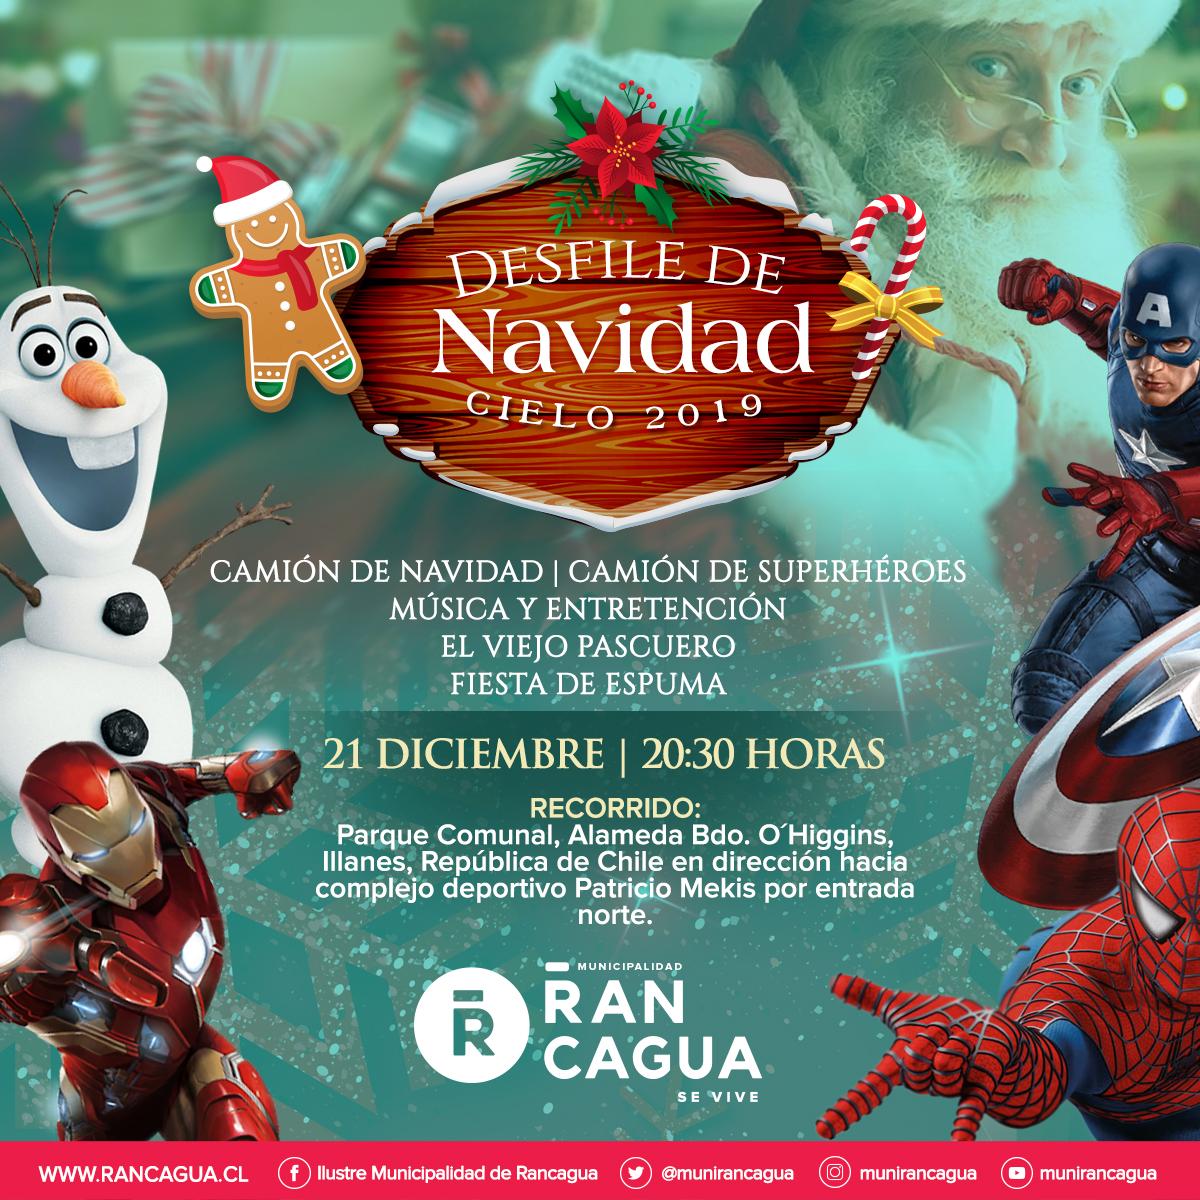 """Espíritu navideño inundará las calles de Rancagua con el """"Desfile de Navidad Cielo 2019"""""""